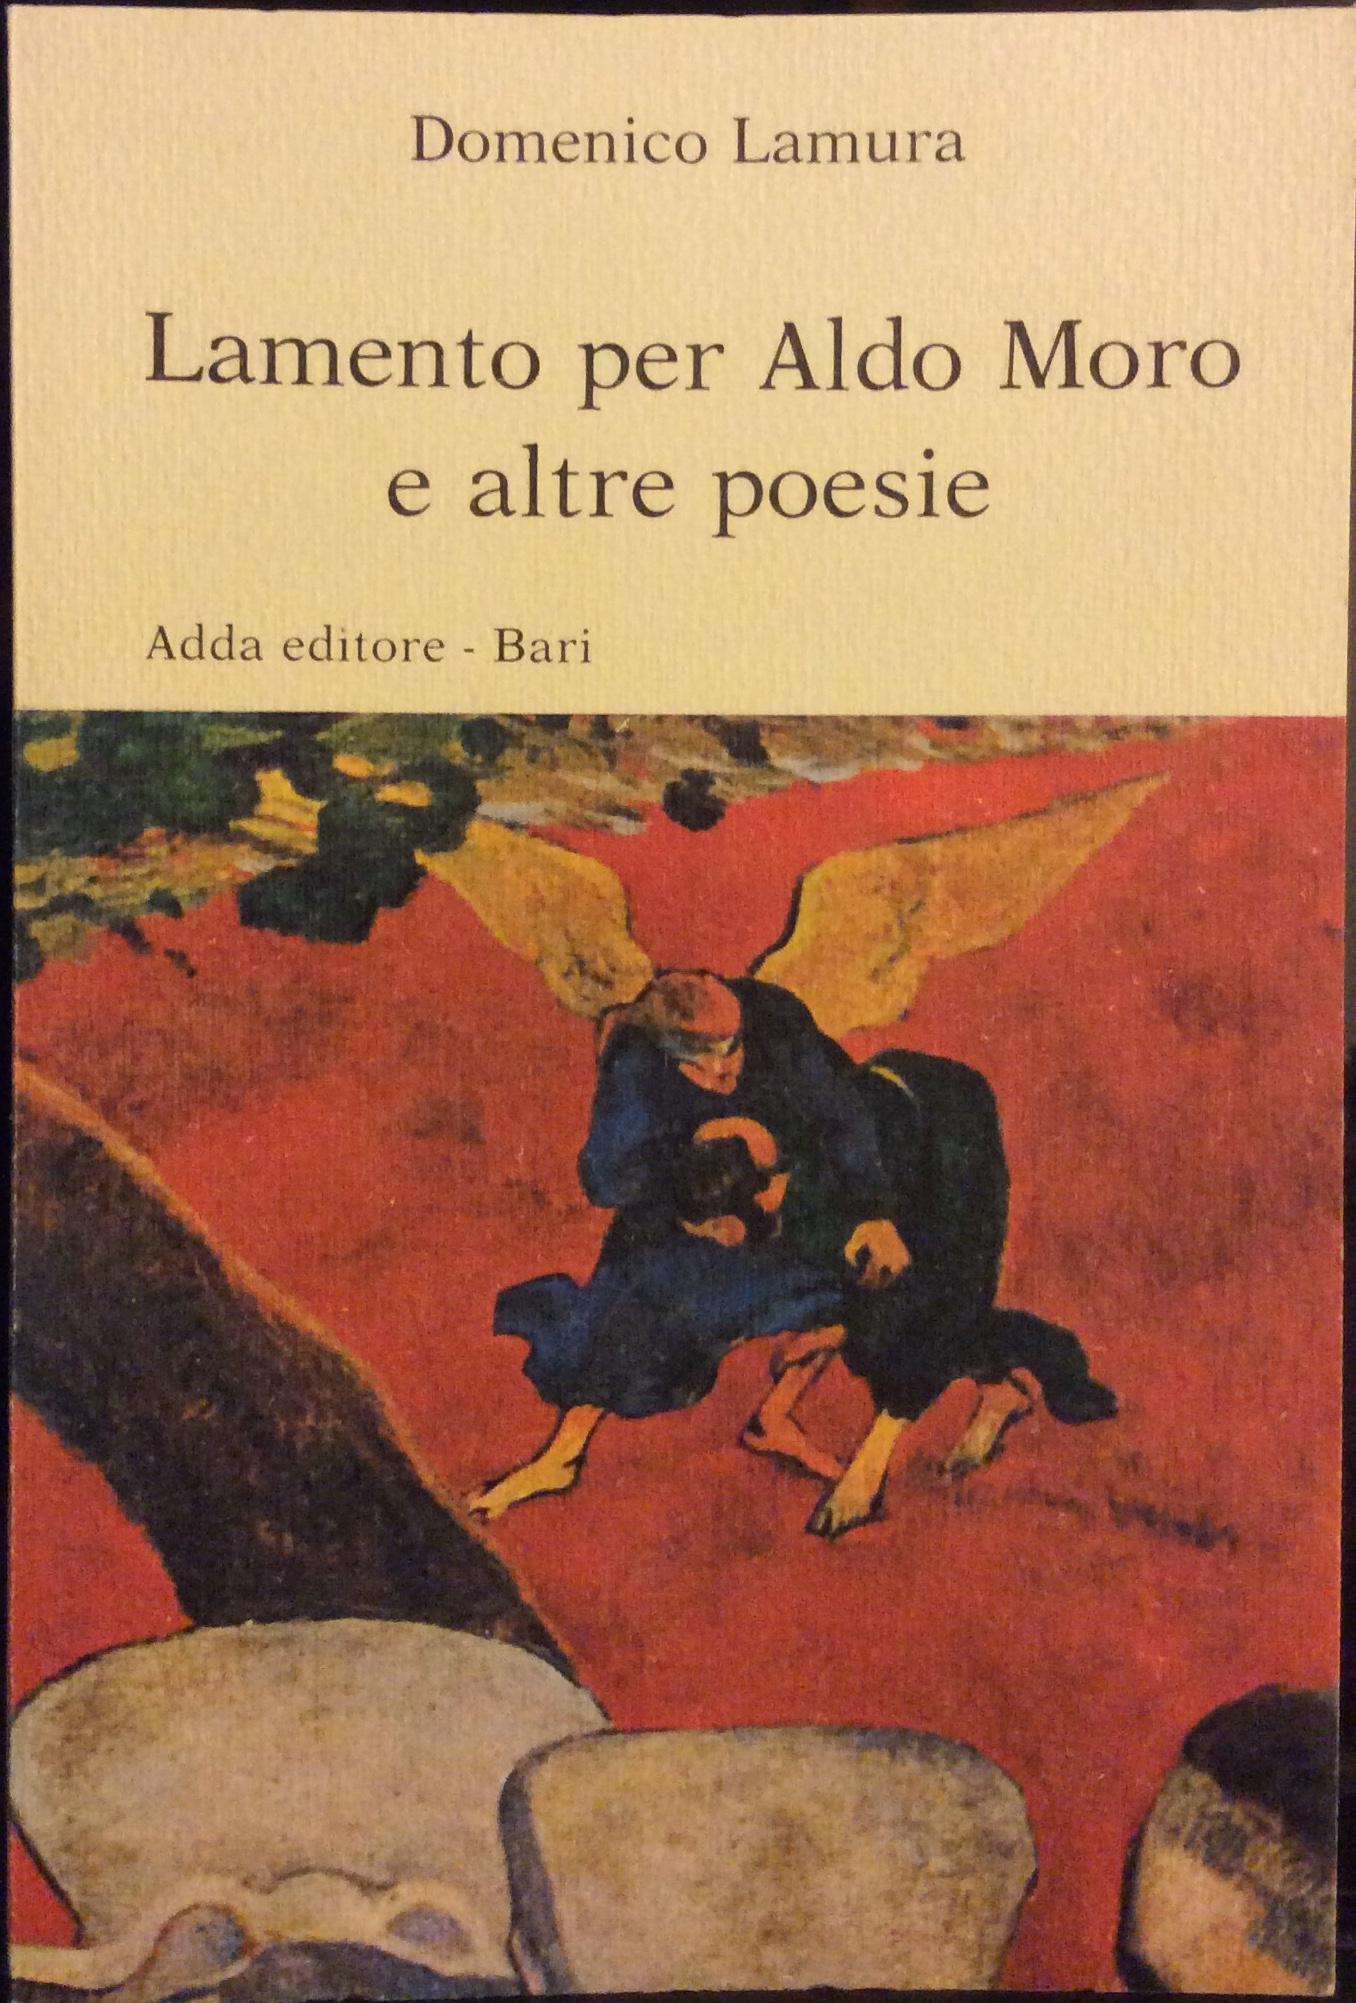 Lamento per Aldo Moro ed altre poesie